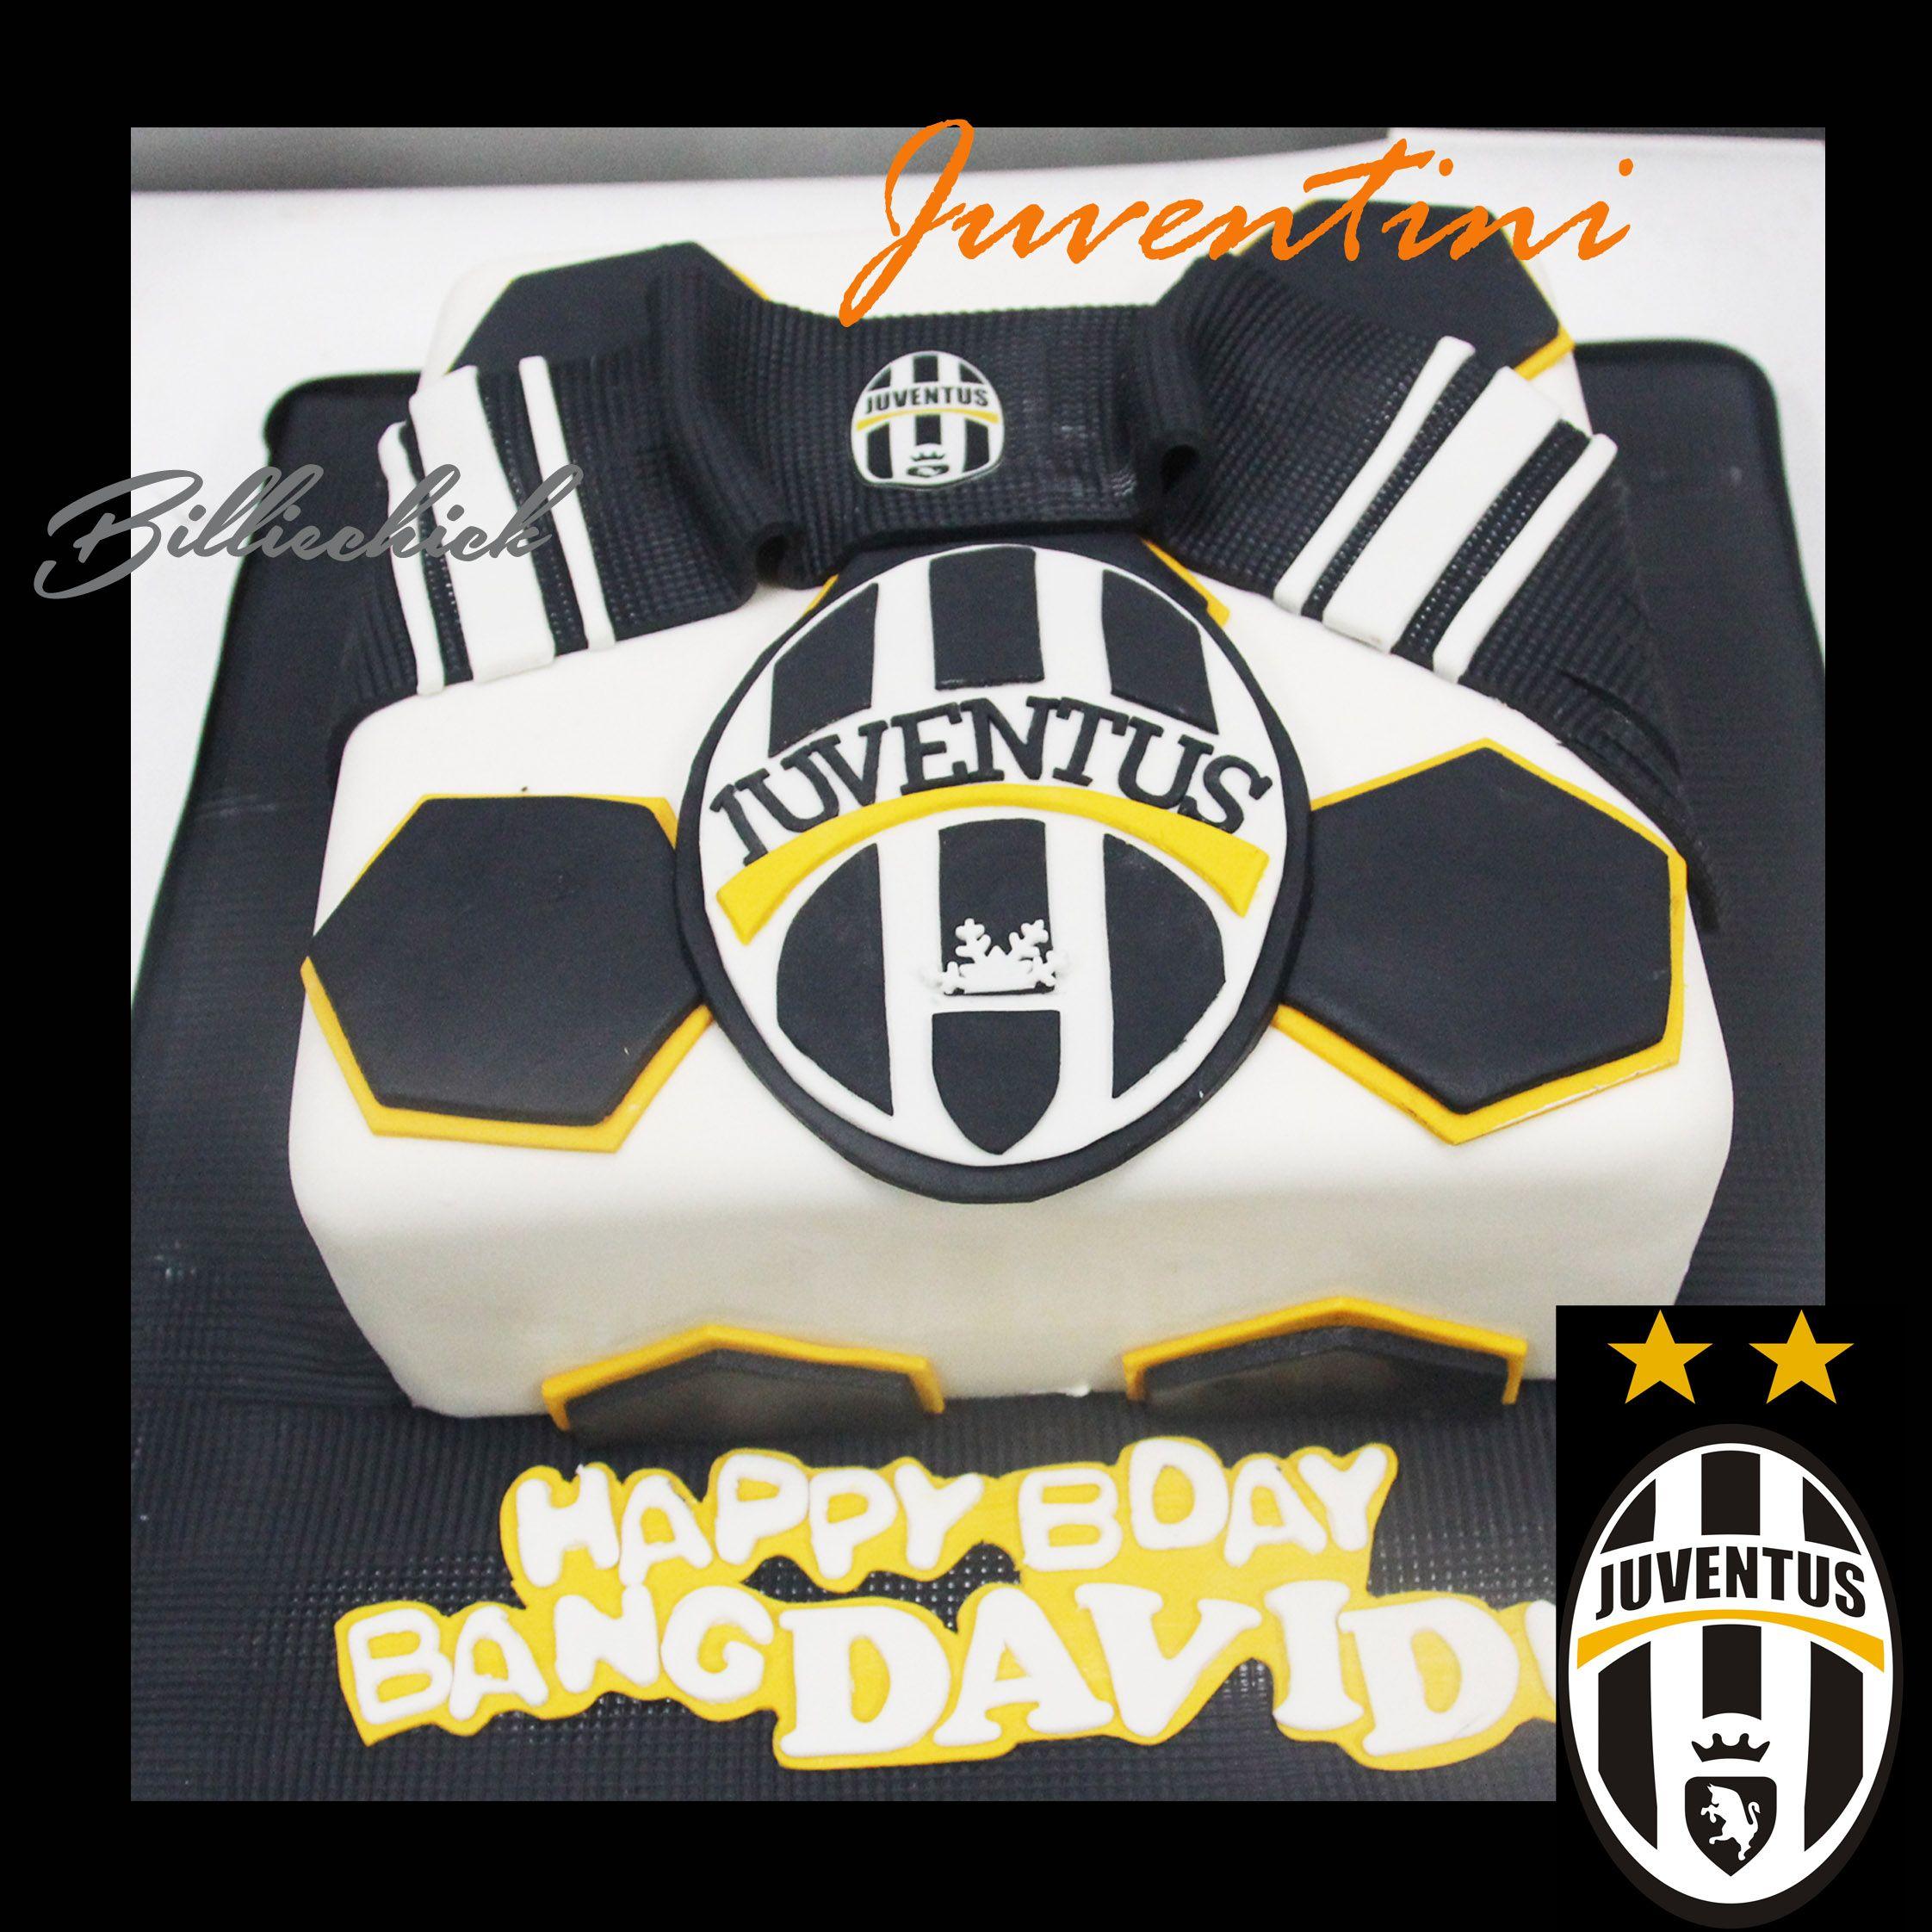 Juventus Juve Pinterest